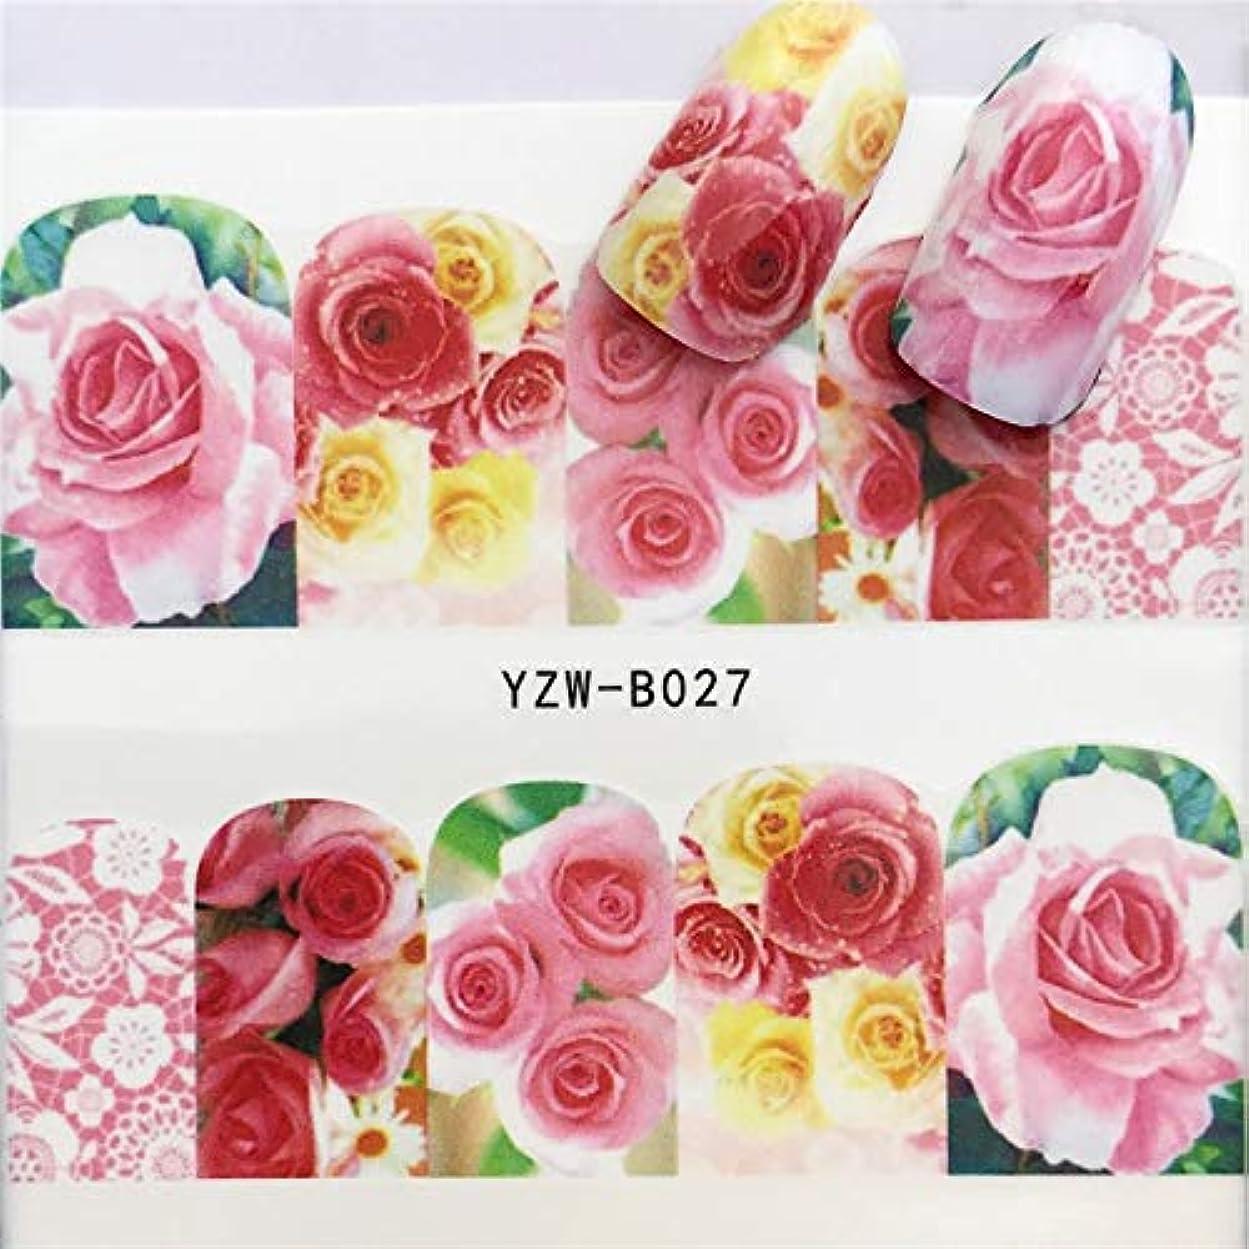 食品札入れ近所のYan 3個ネイルステッカーセットデカール水転写スライダーネイルアートデコレーション、色:YZWB027